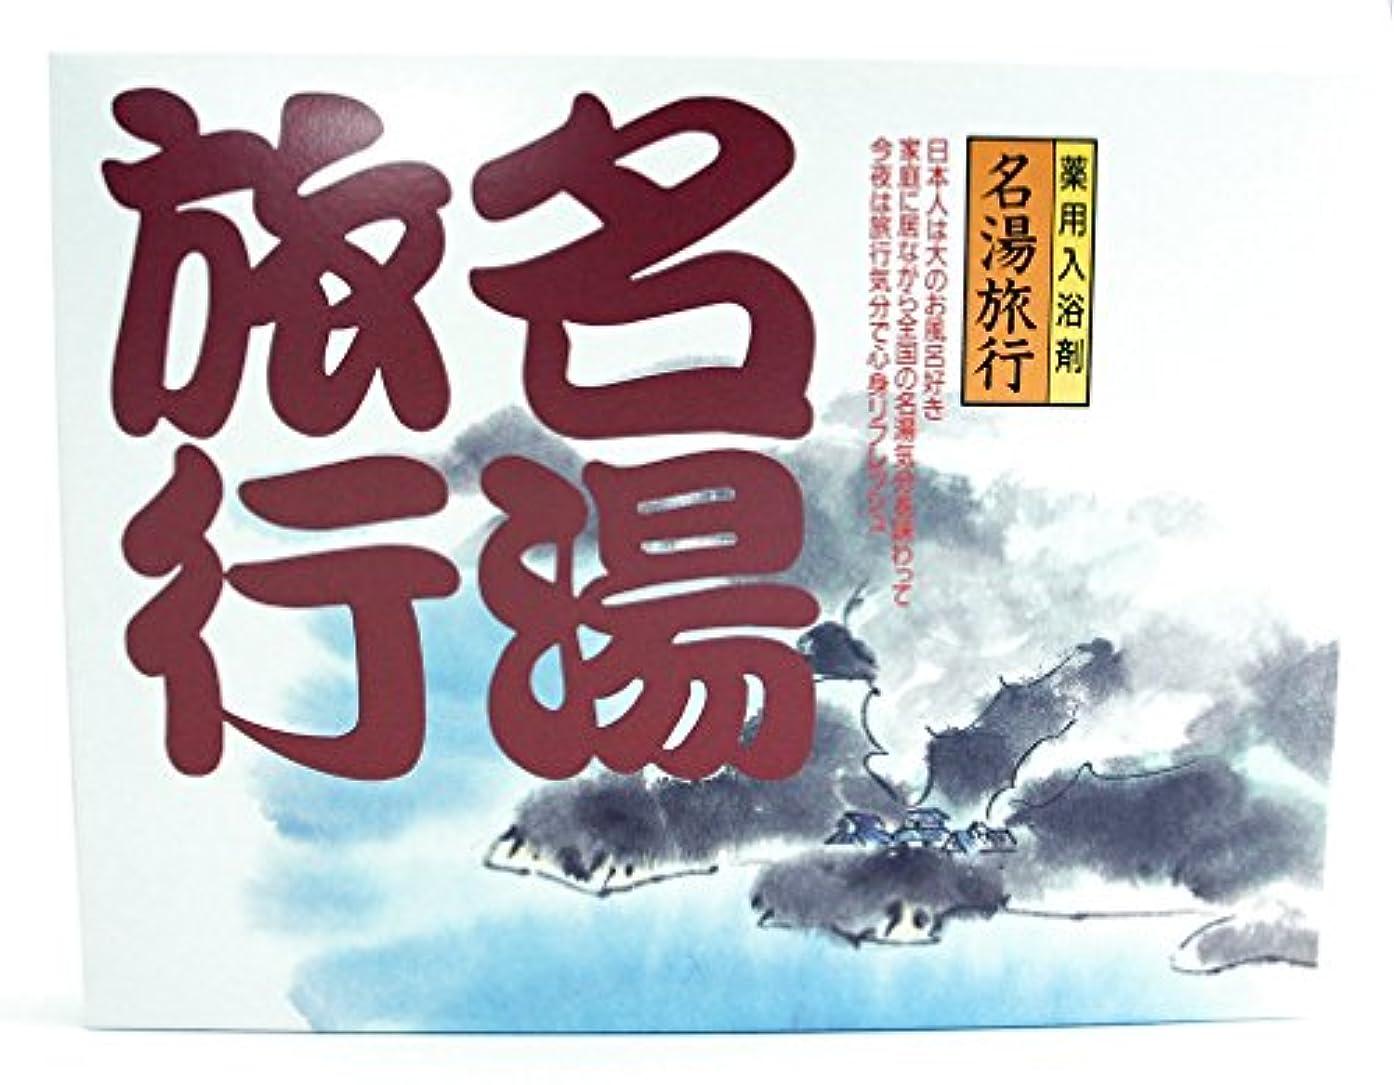 スラック日常的にエミュレーション名湯旅行ギフトセット MTR20 [医薬部外品]